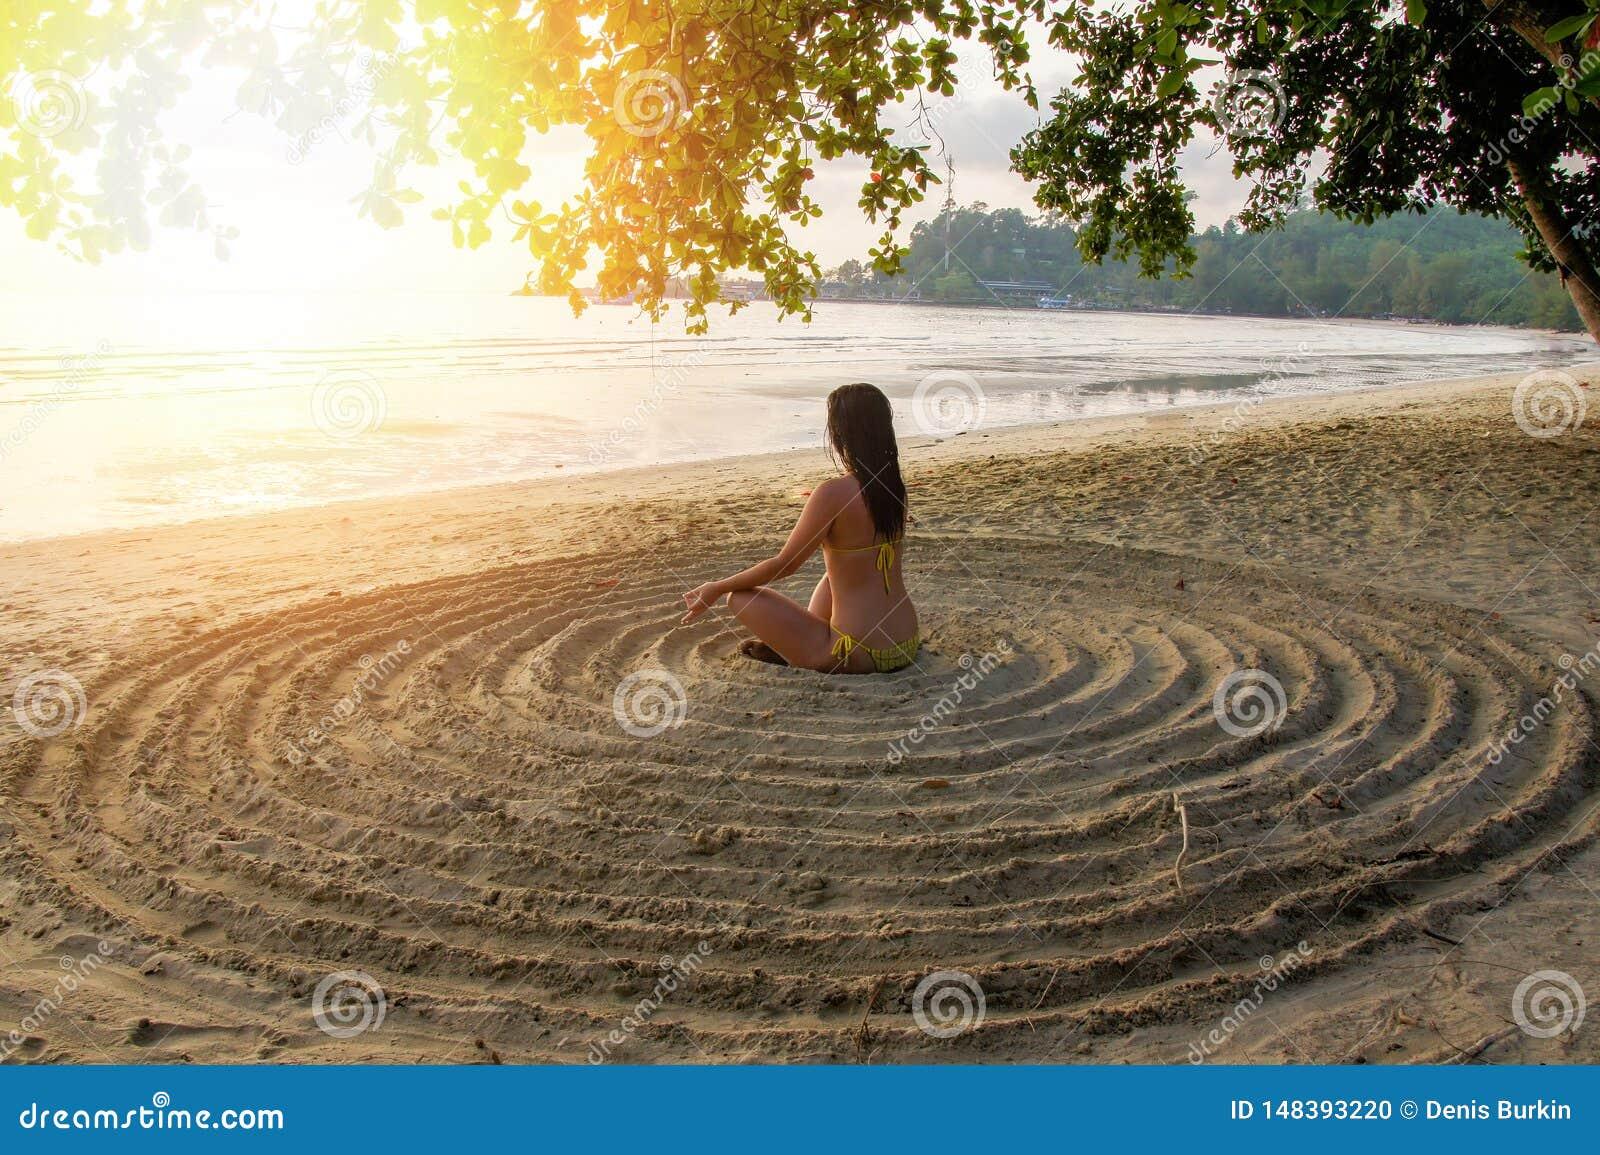 Το κορίτσι κάθεται πίσω στην αμμώδη παραλία στο κέντρο ενός αυτοσχέδιου κύκλου και meditates